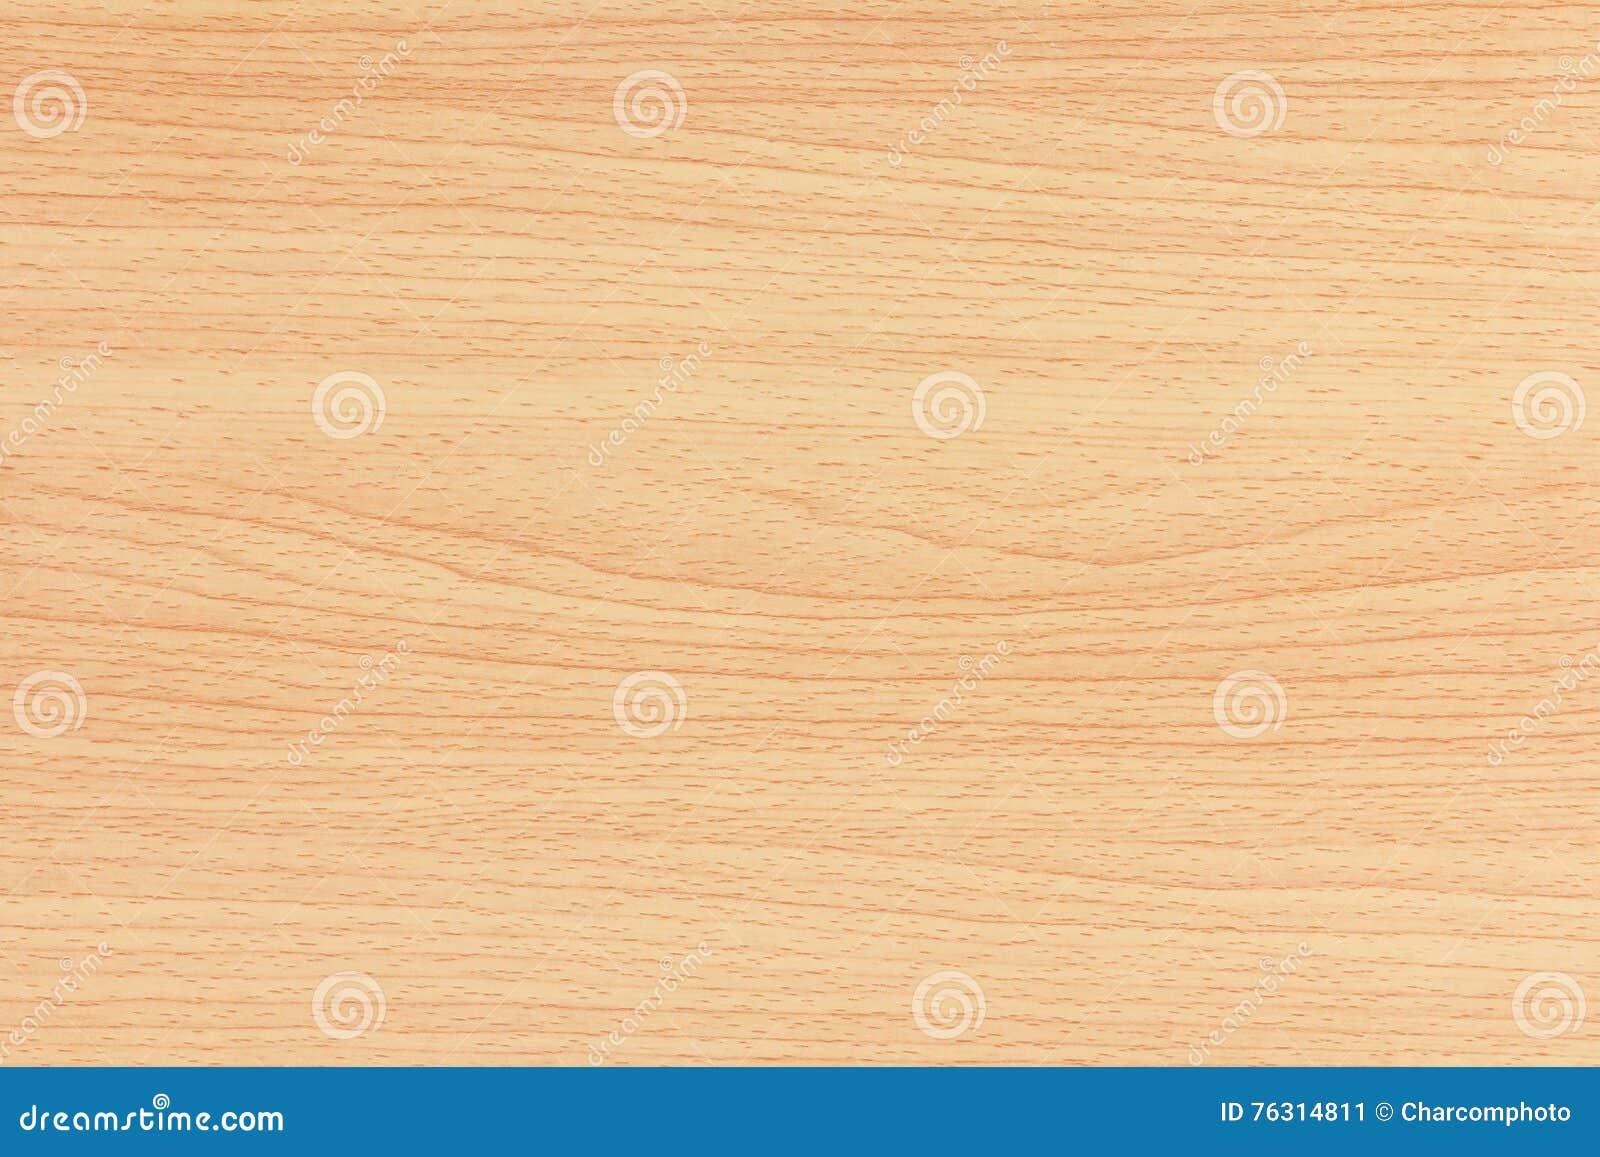 Pavimento marrone pastello della plancia del compensato dipinto Vecchio fondo di legno di struttura del tavolo della presidenza g